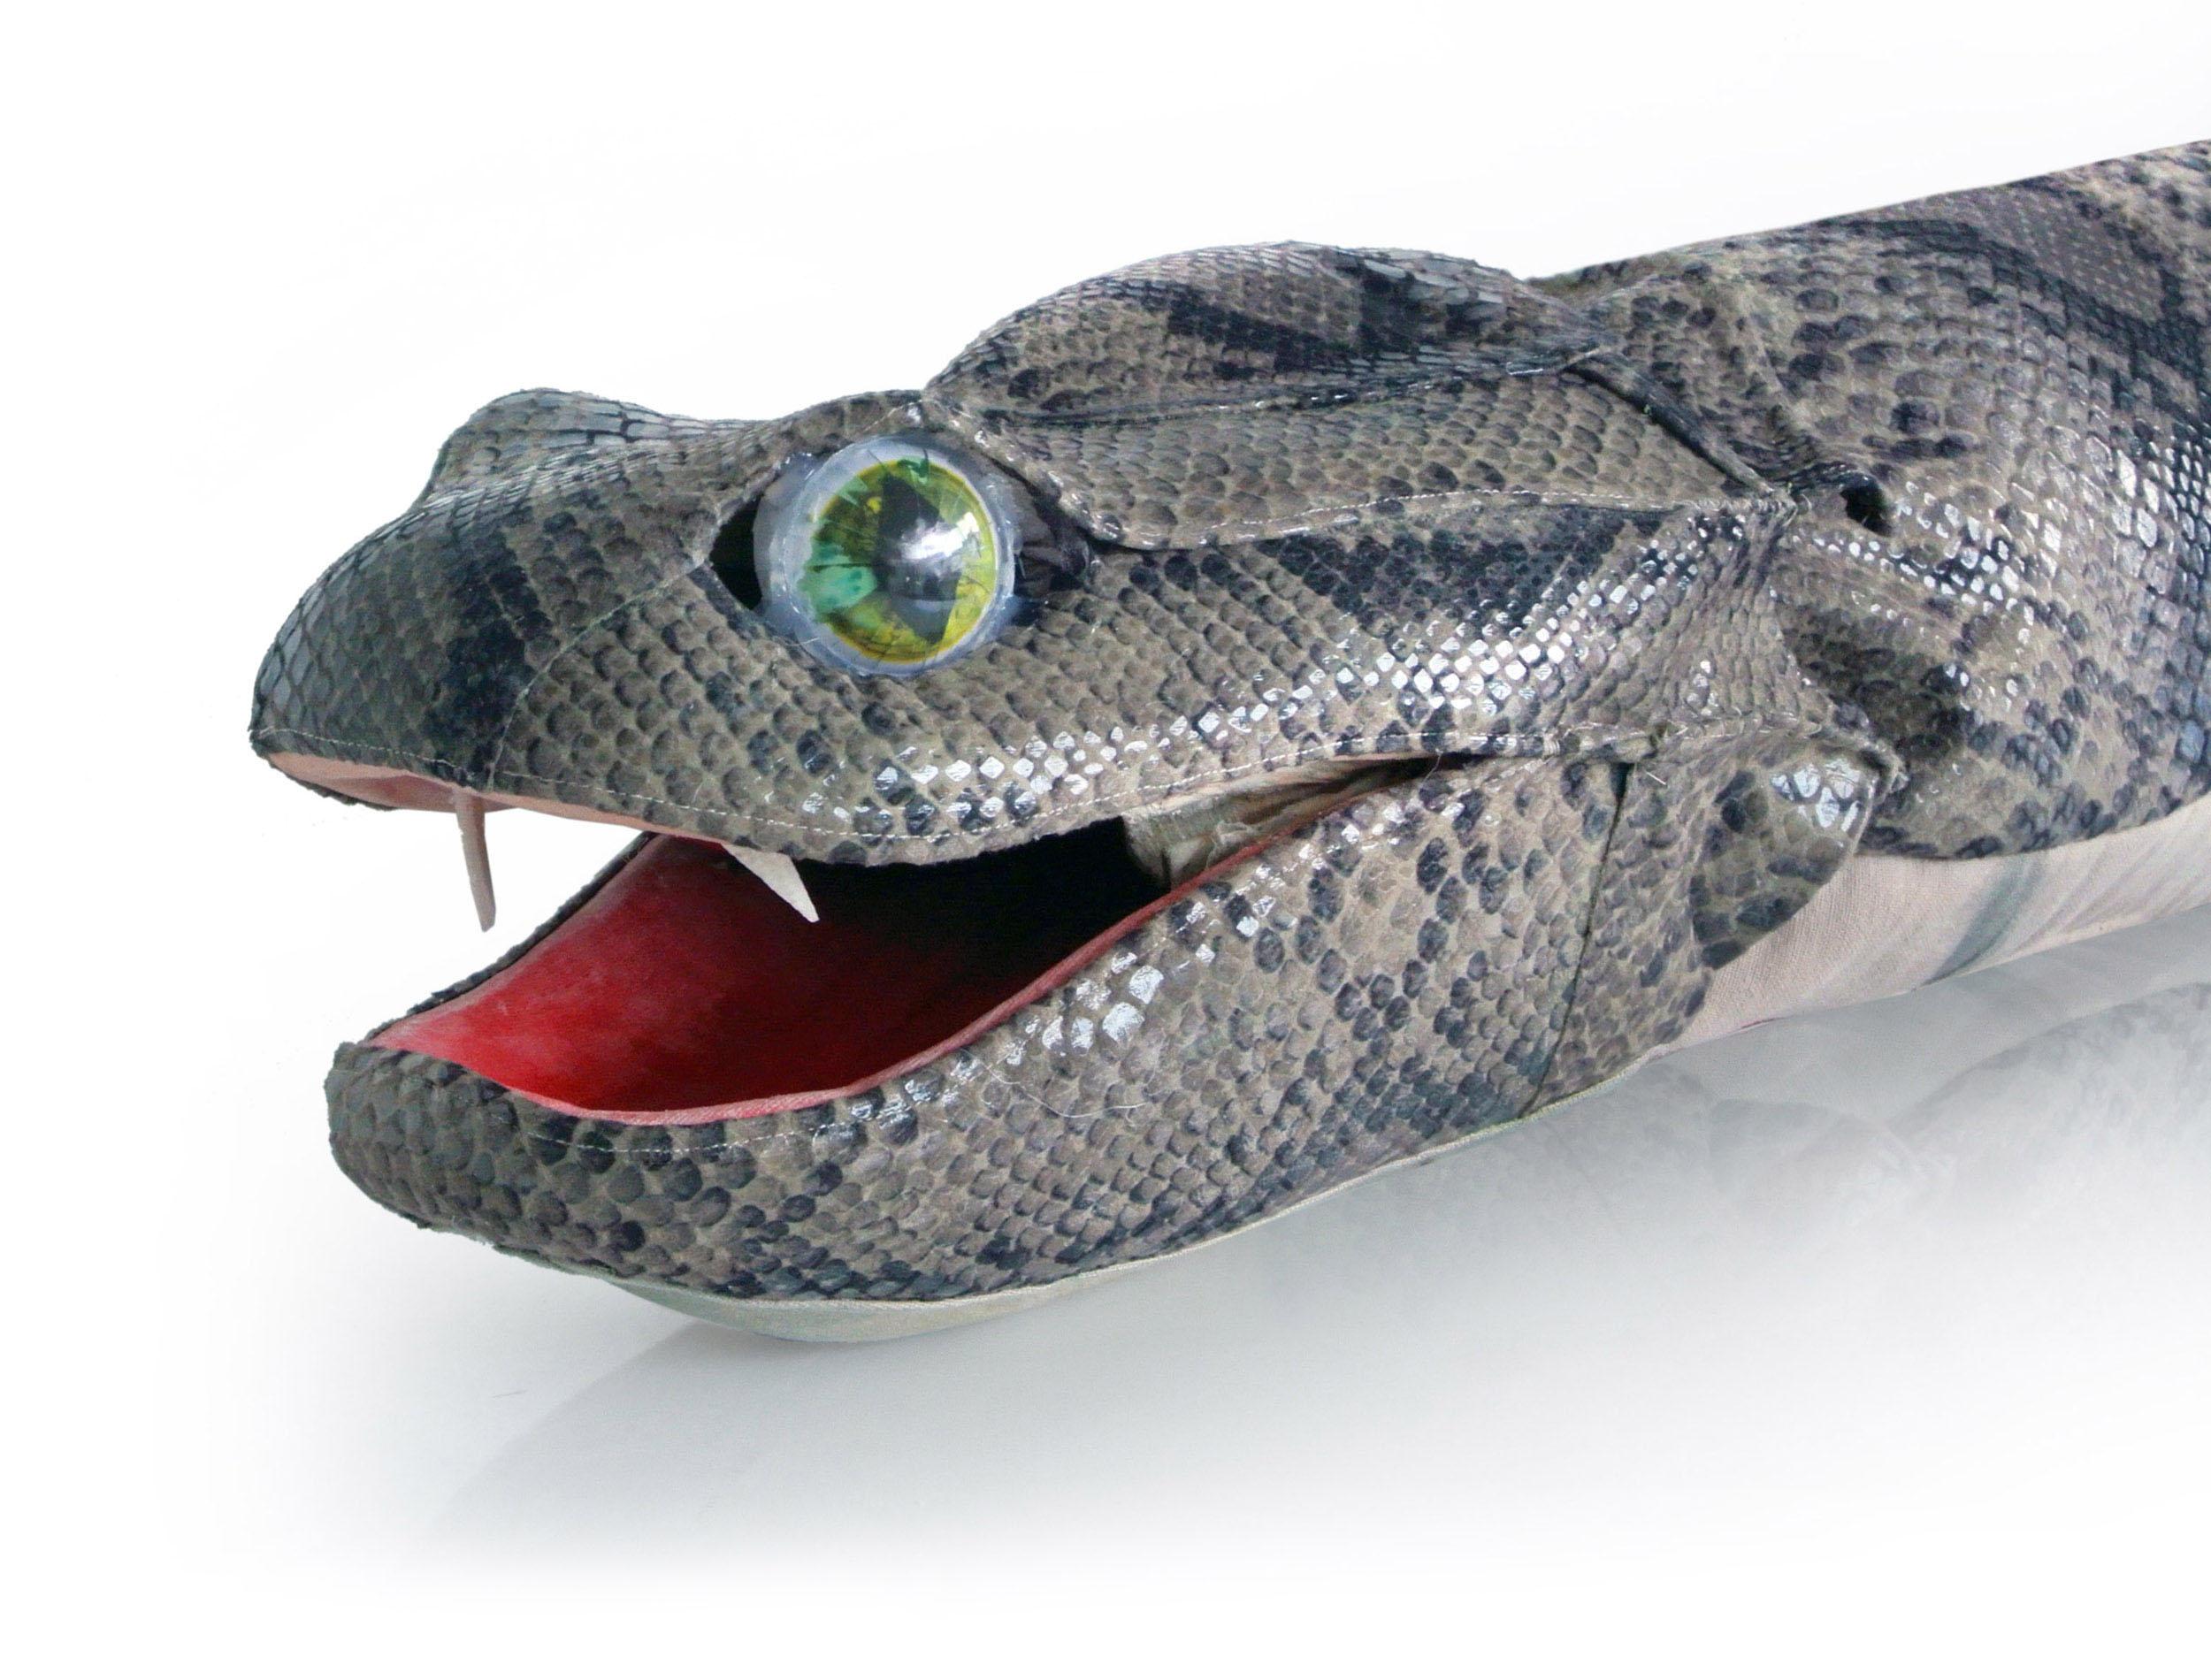 Schlangen-Kostüm-04